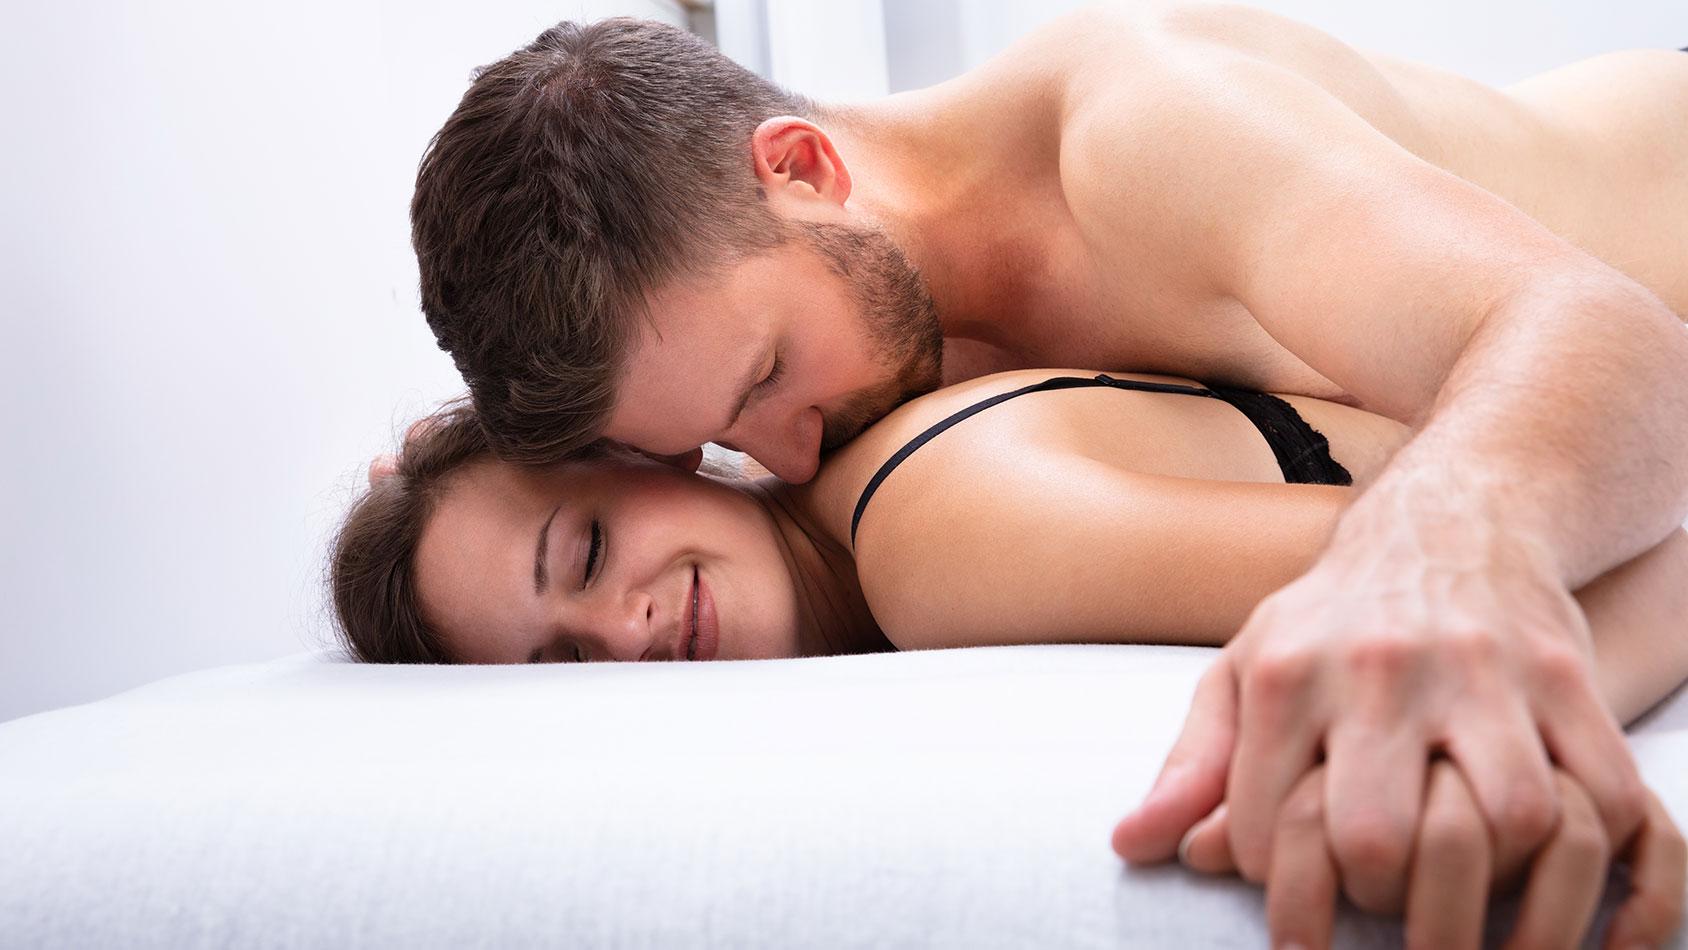 ανδρών υγείας σεξ και dating